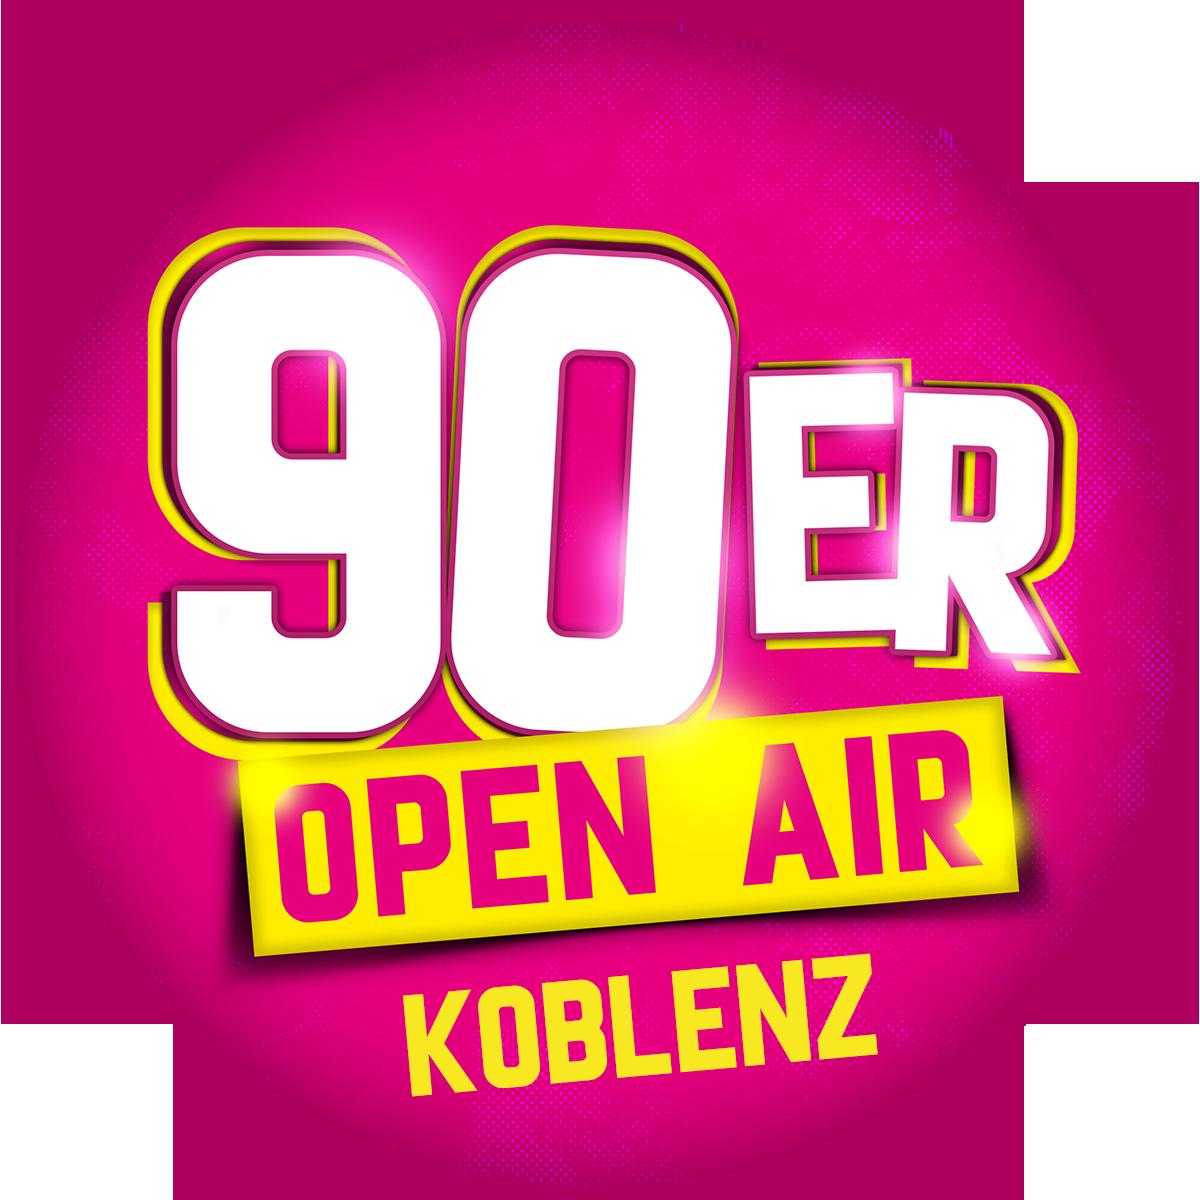 90er Open Air